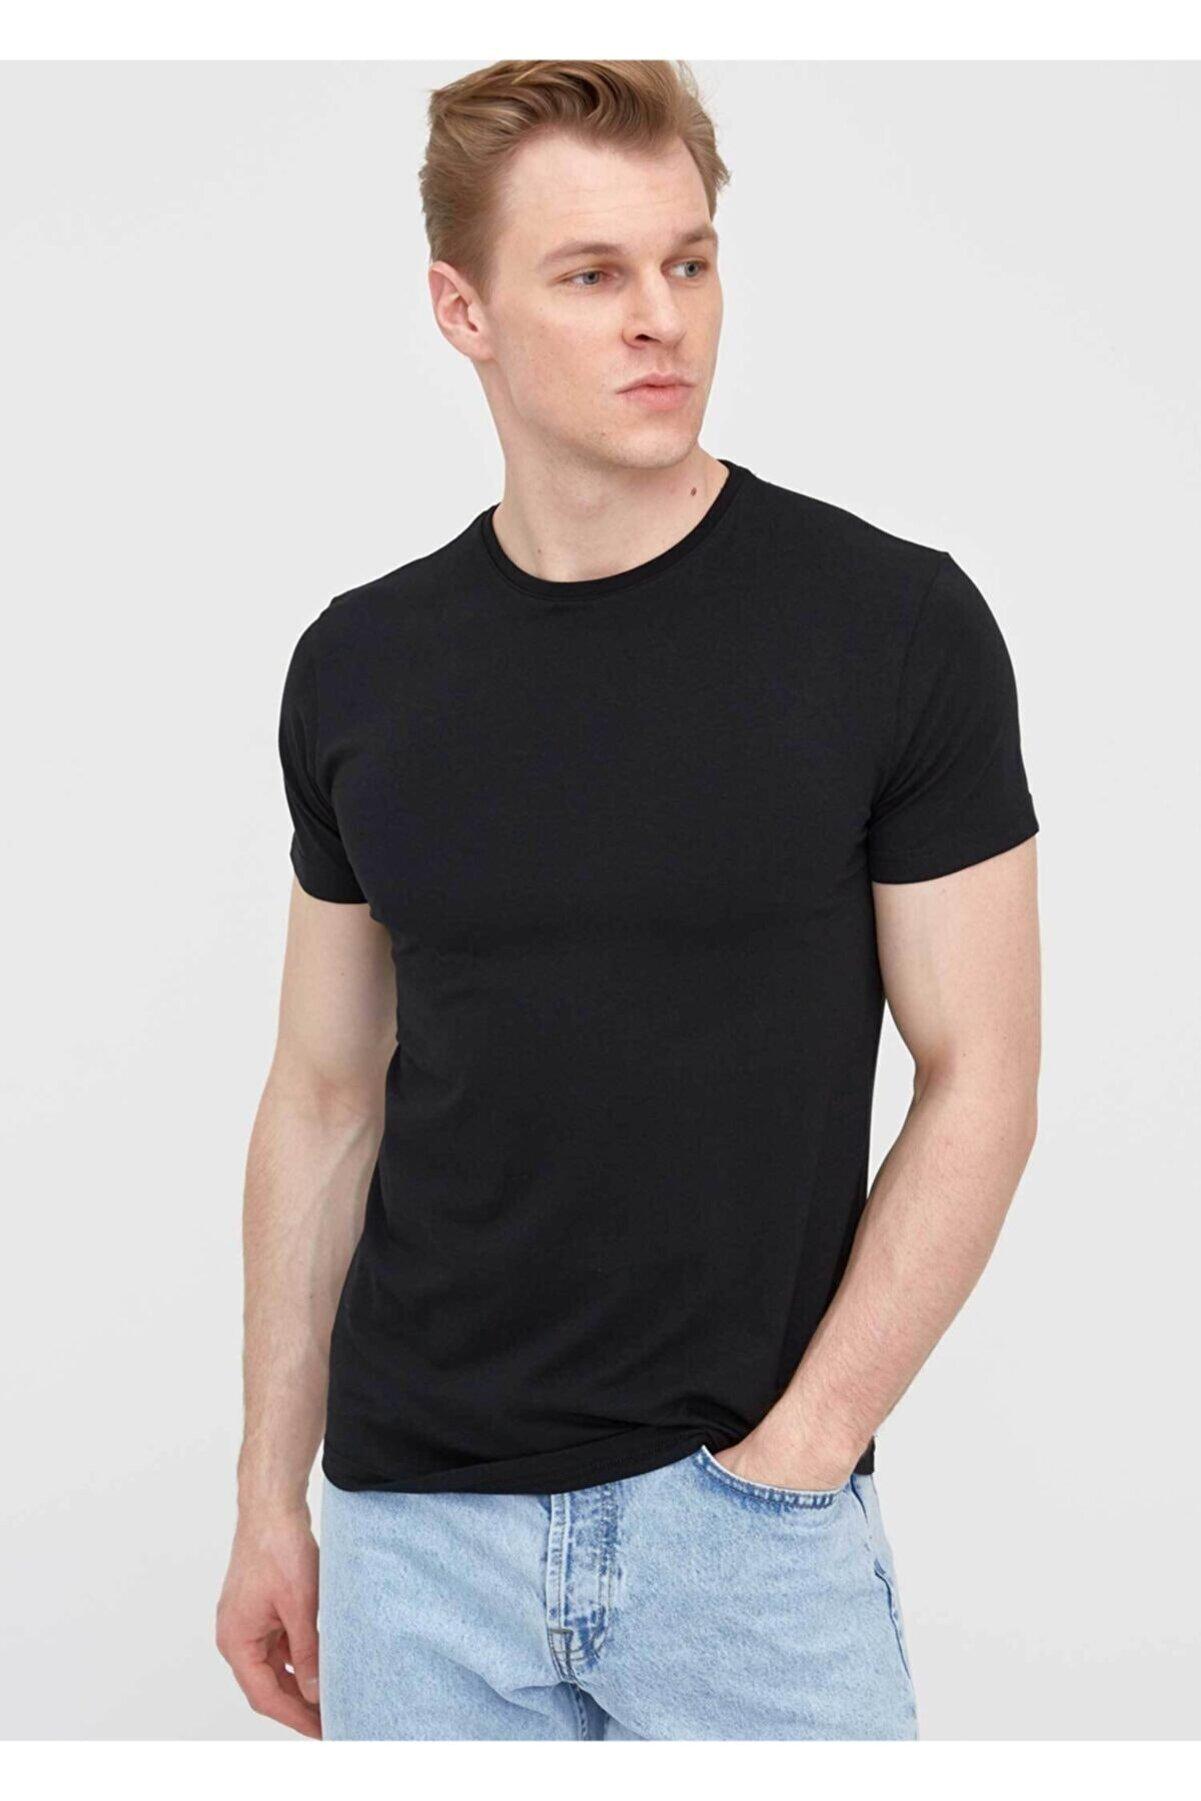 Gizavogue Erkek Basic Pamuklu Kısa Kollu Bisiklet Yaka T-Shirt